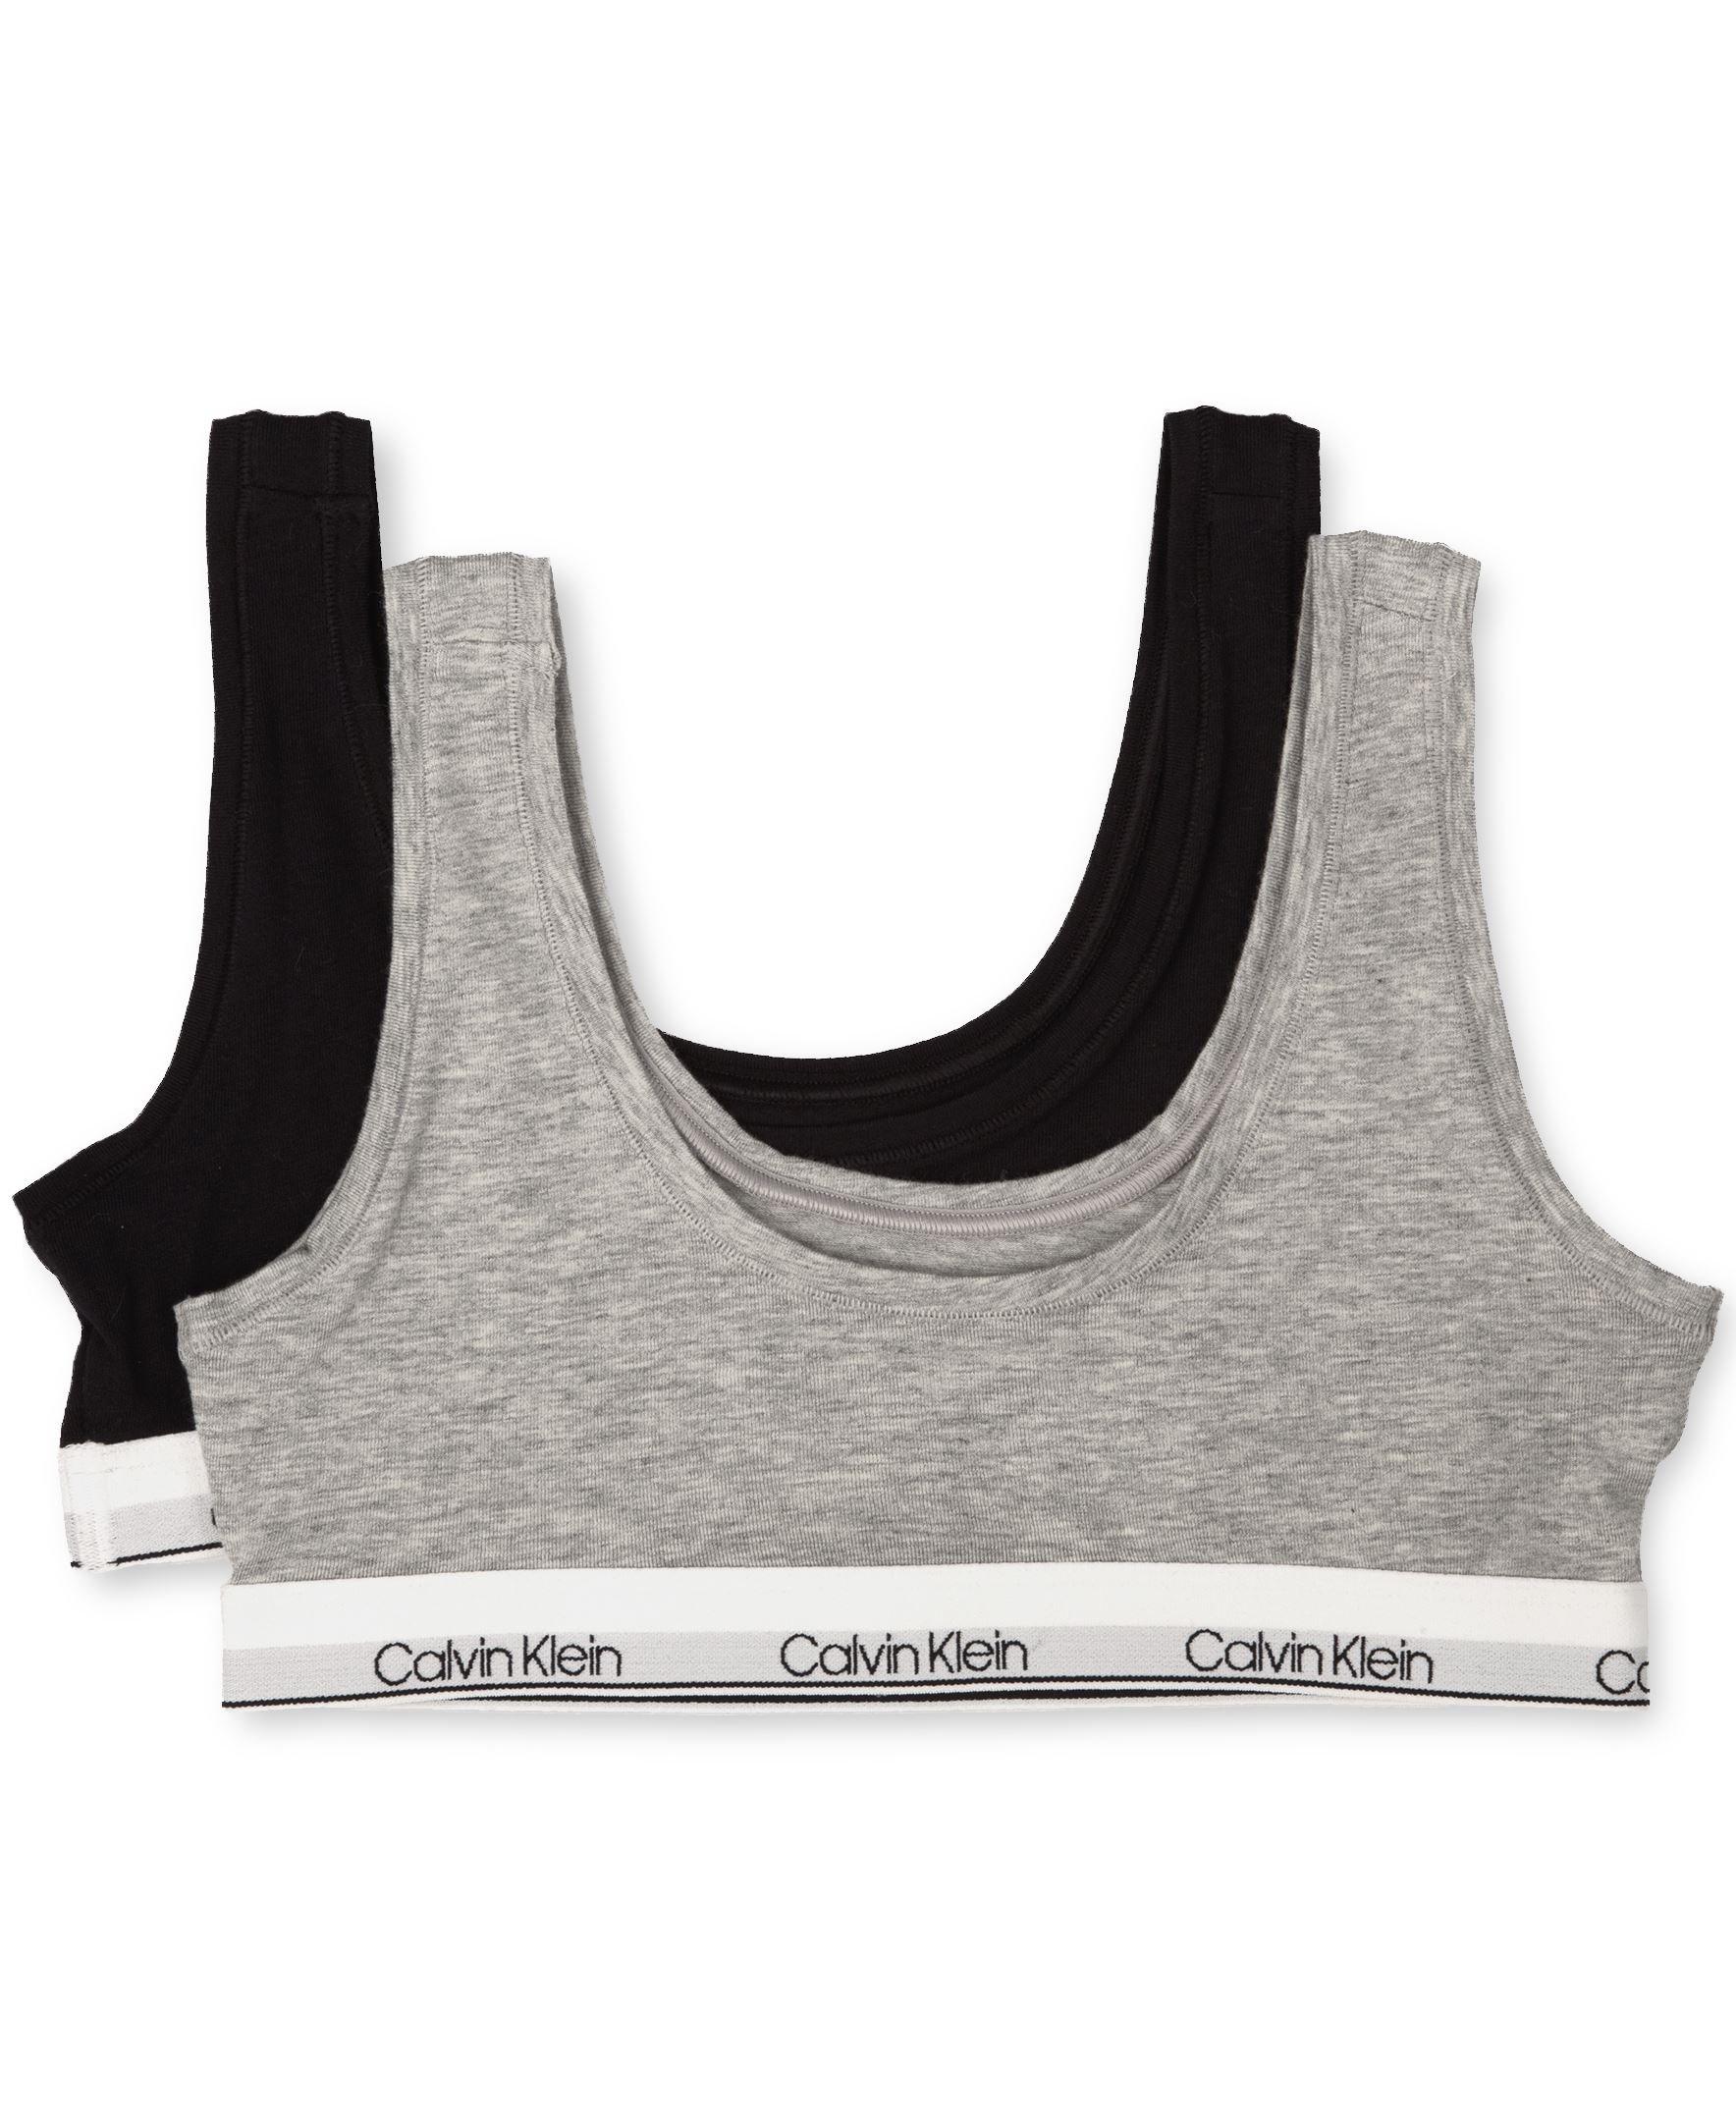 Calvin Klein Big Girls' Modern Cotton 2 Pack Classic Crop Bra, Heather Gray/Black, L (10/12)